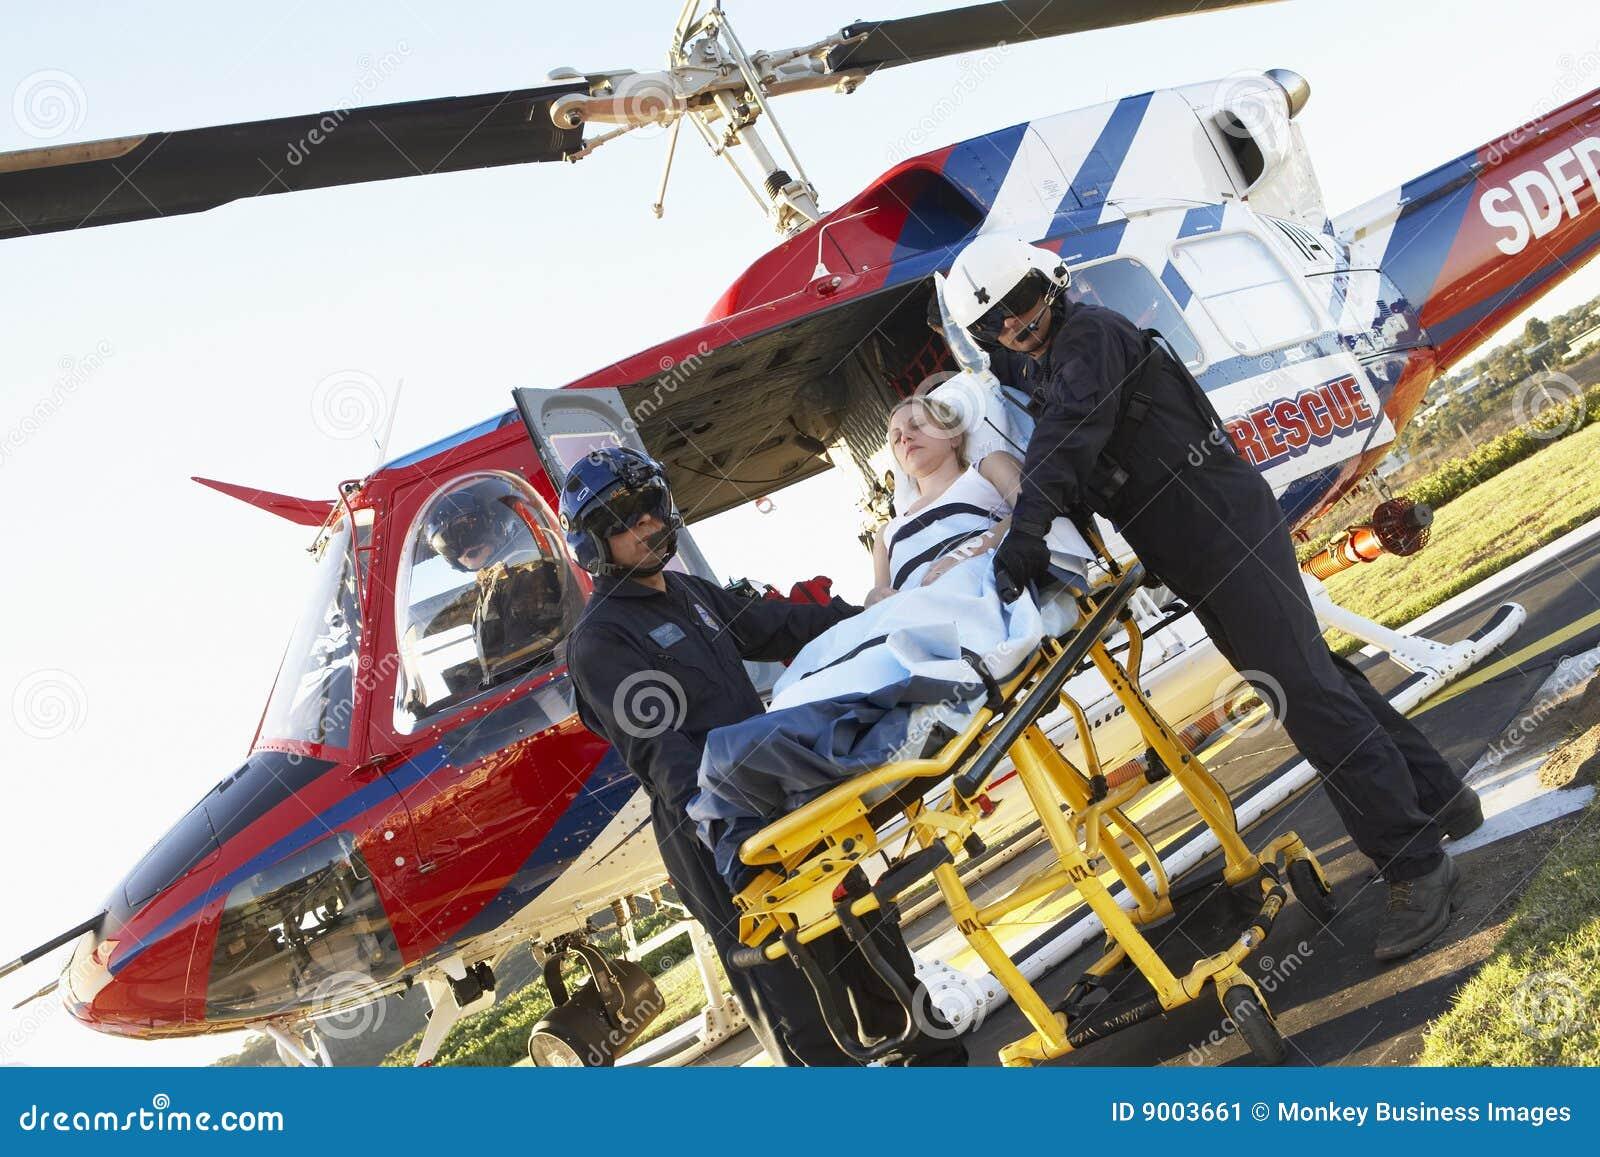 Sanitäter, die Patienten vom Hubschrauber aus dem Programm nehmen